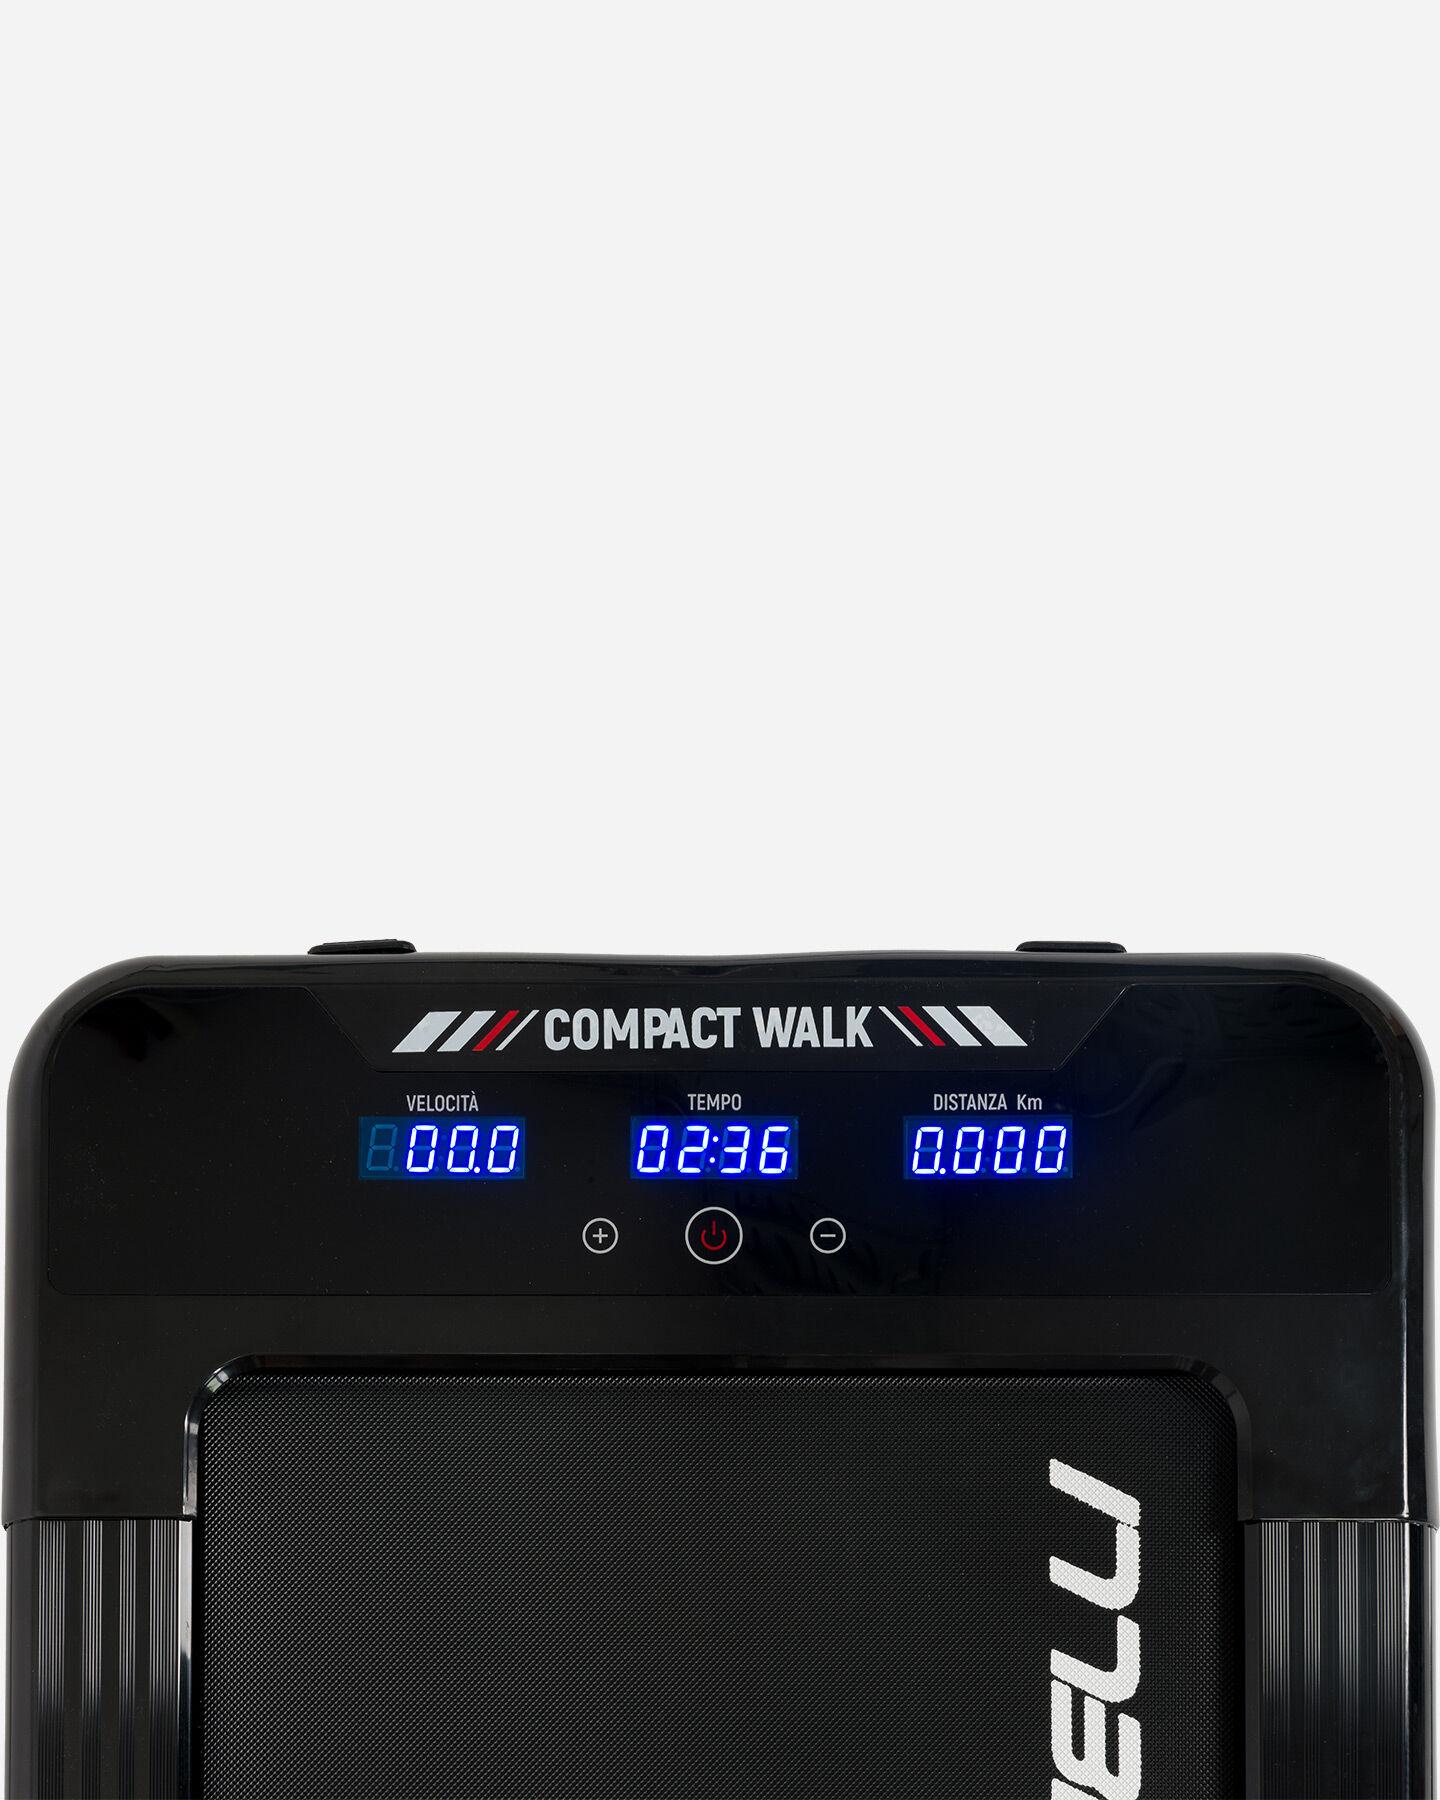 Tapis roulant CARNIELLI COMPACT WALK  S4062697|1|UNI scatto 2